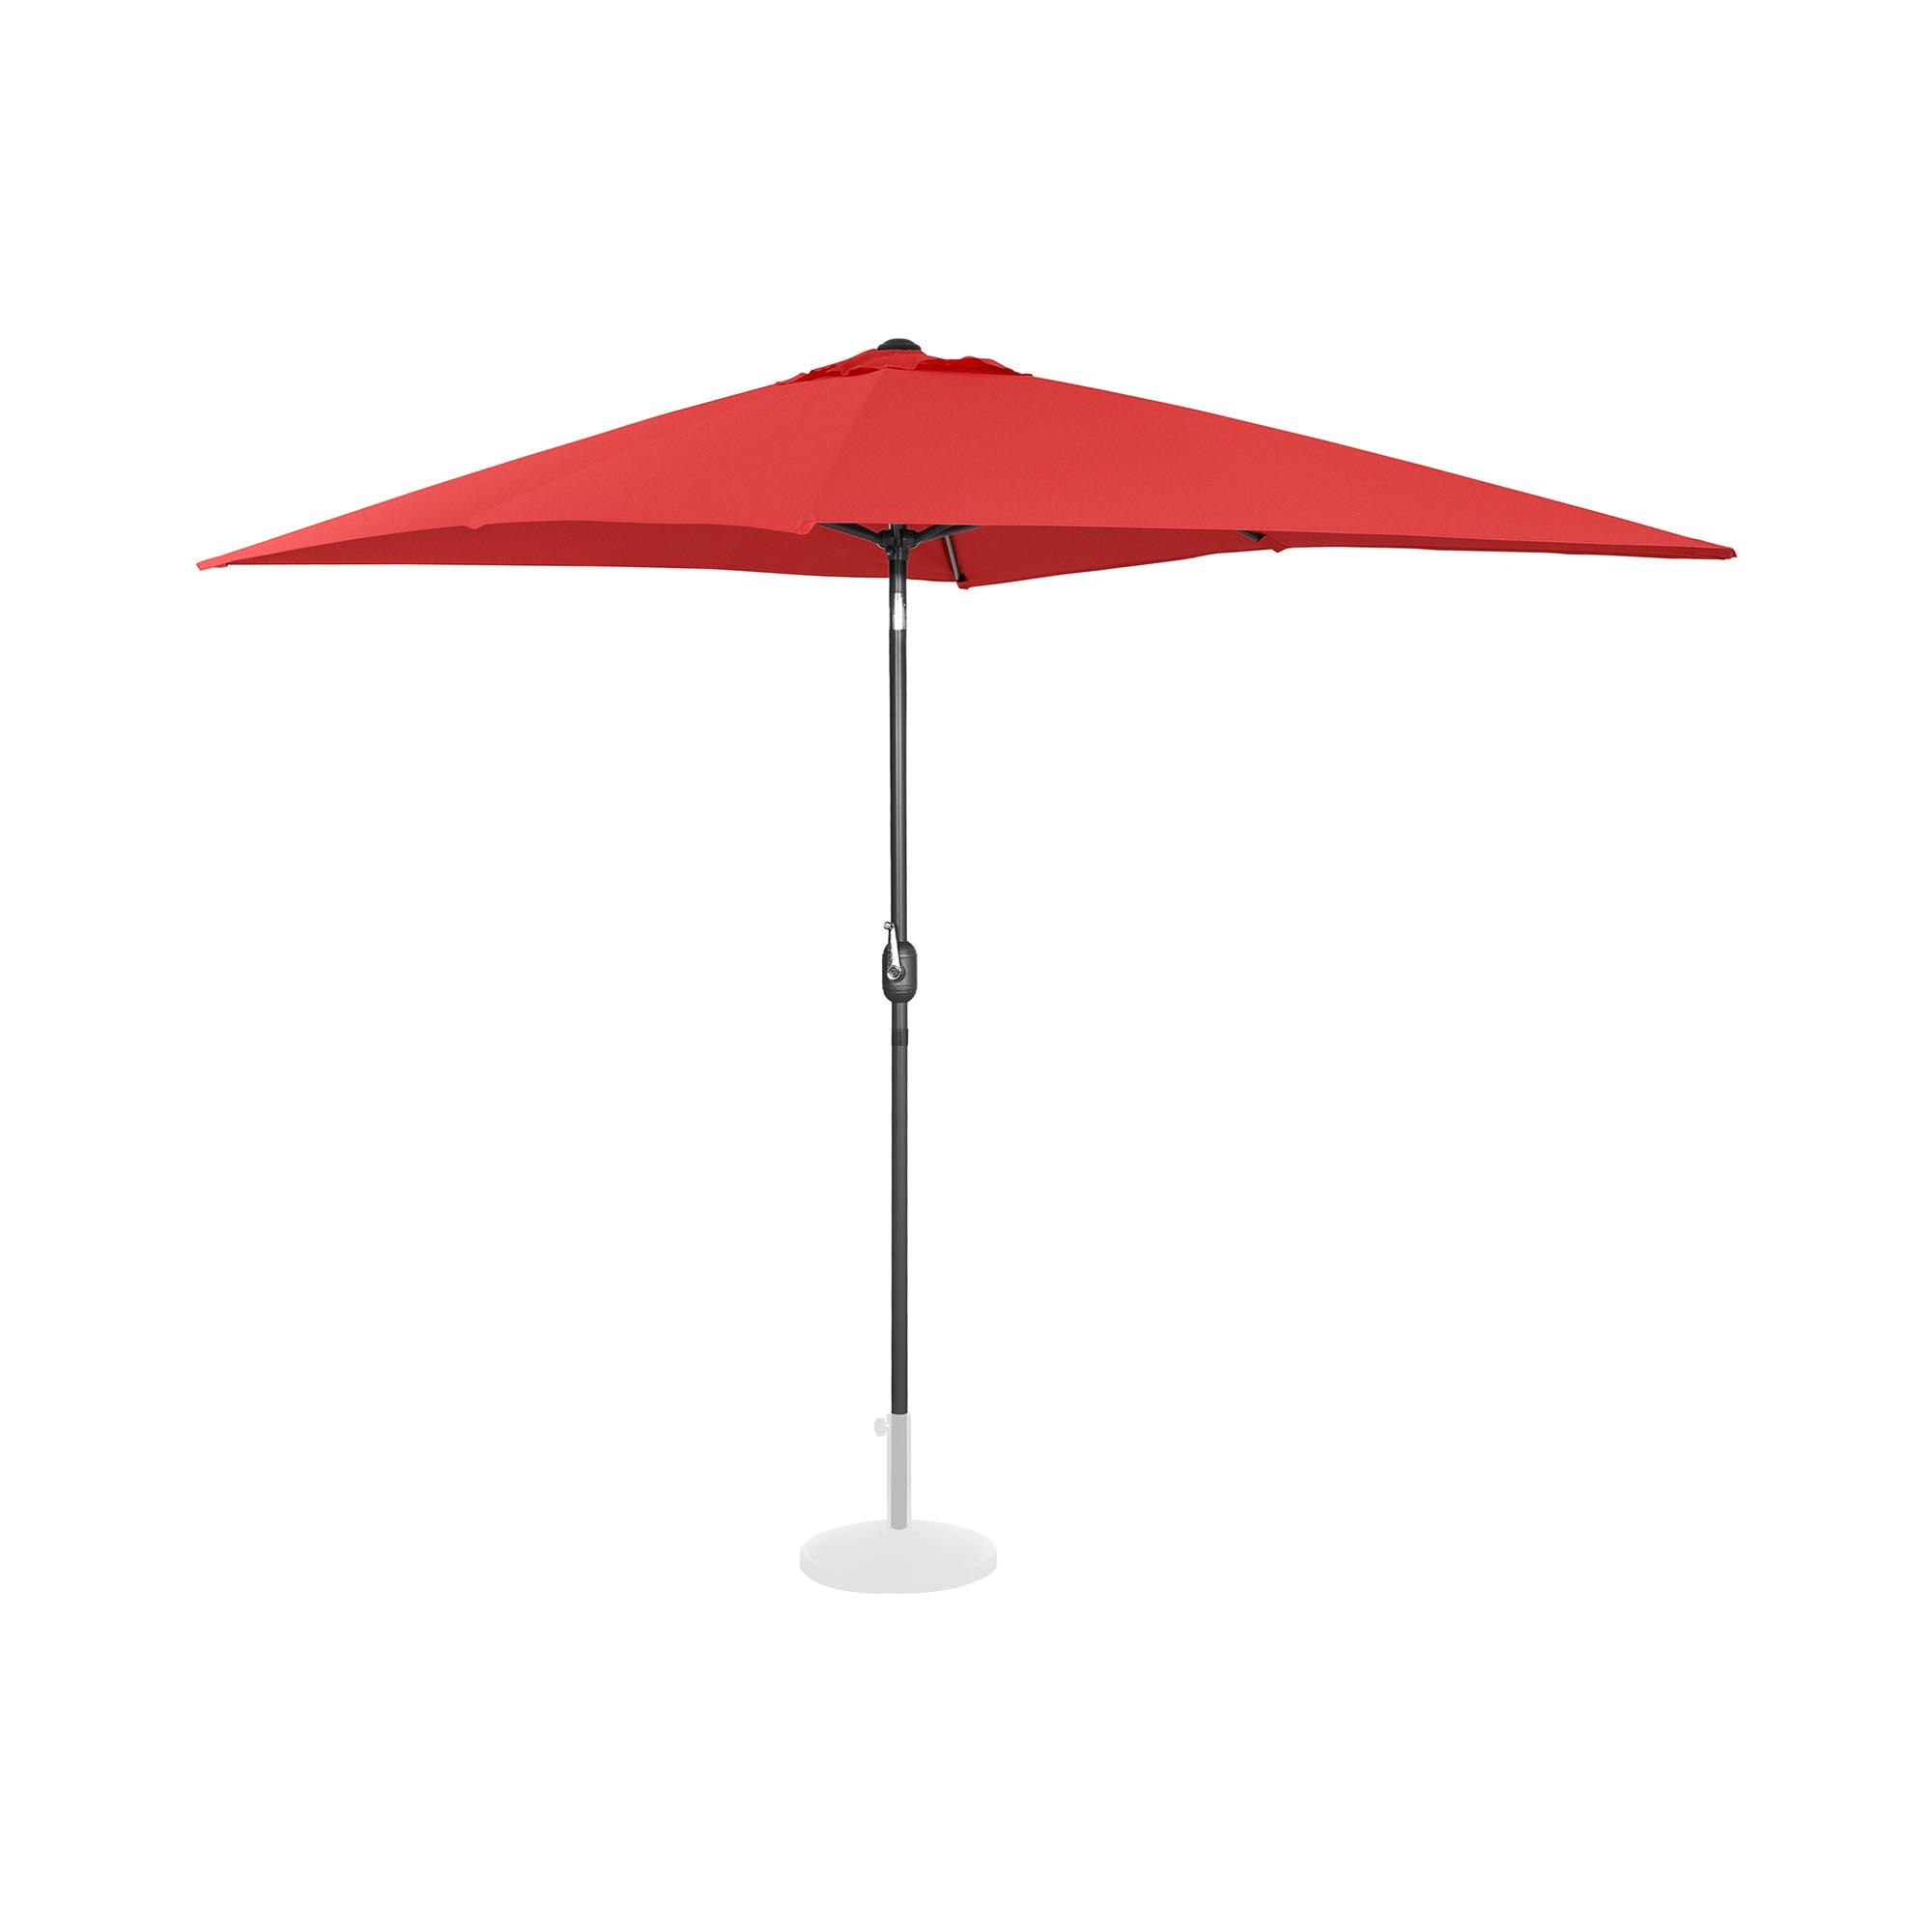 Uniprodo Sonnenschirm groß - rot - rechteckig - 200 x 300 cm - neigbar 10250134